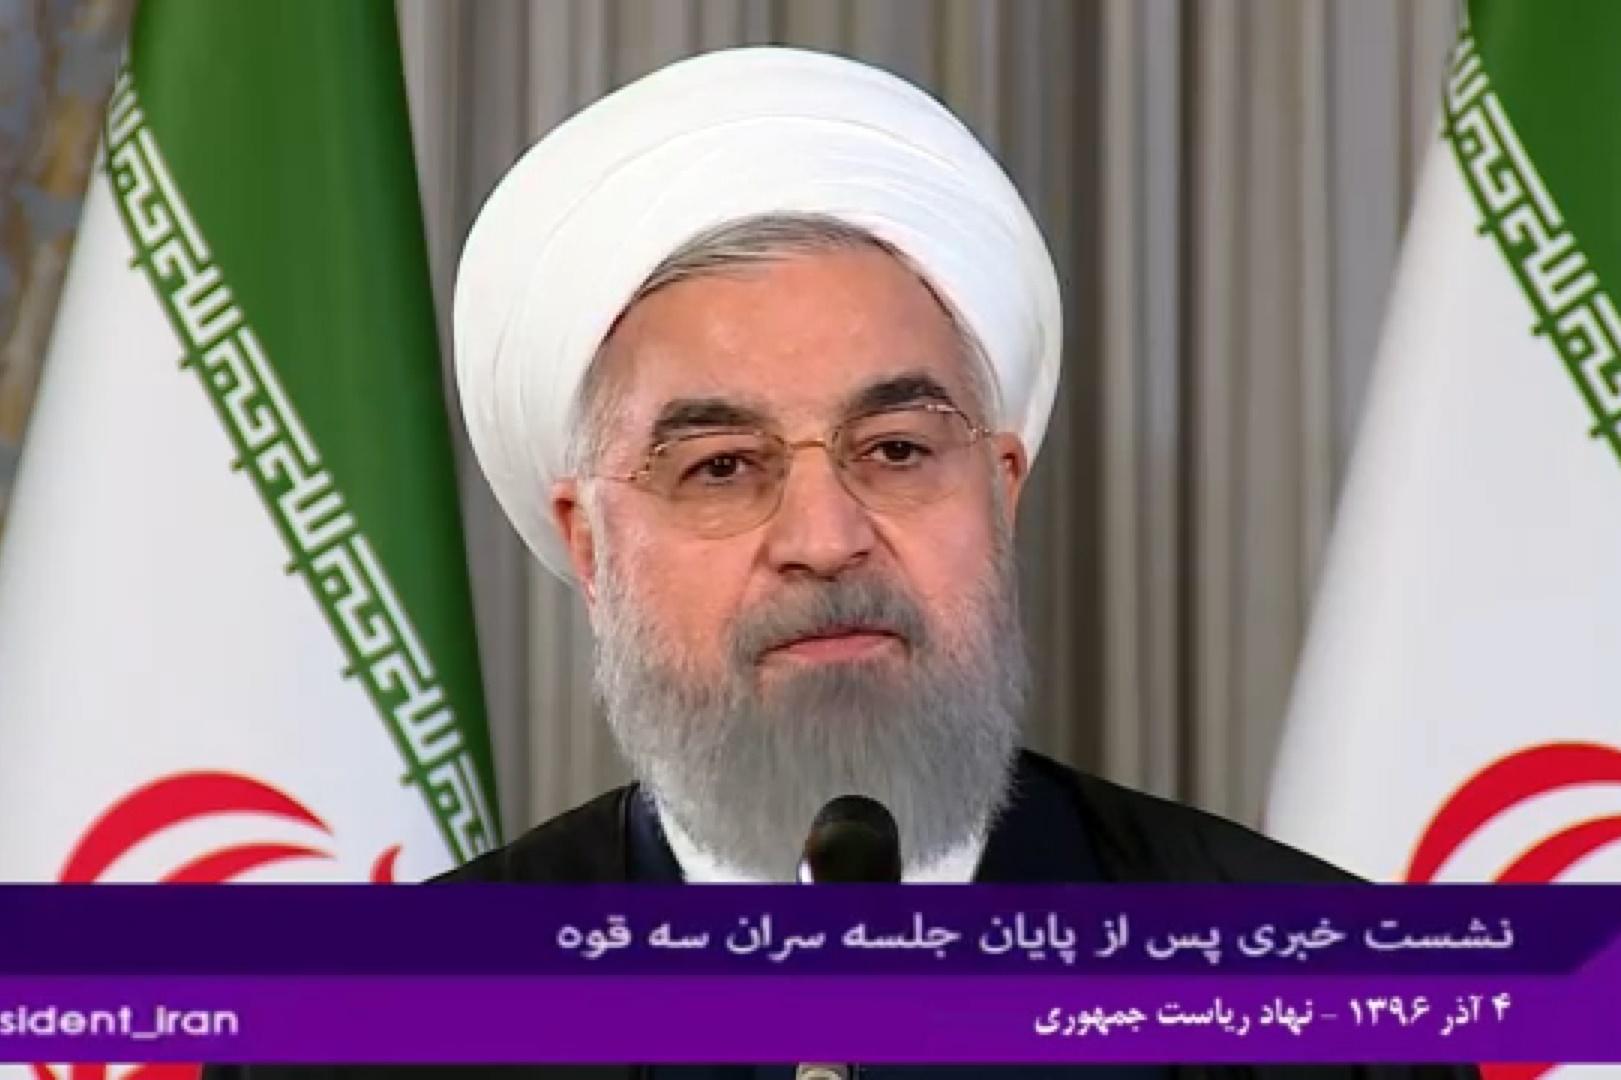 فیلم | روحانی: آرامش در منطقه با اسلحه و حمایت آمریکا و صهیونیستها ممکن نیست